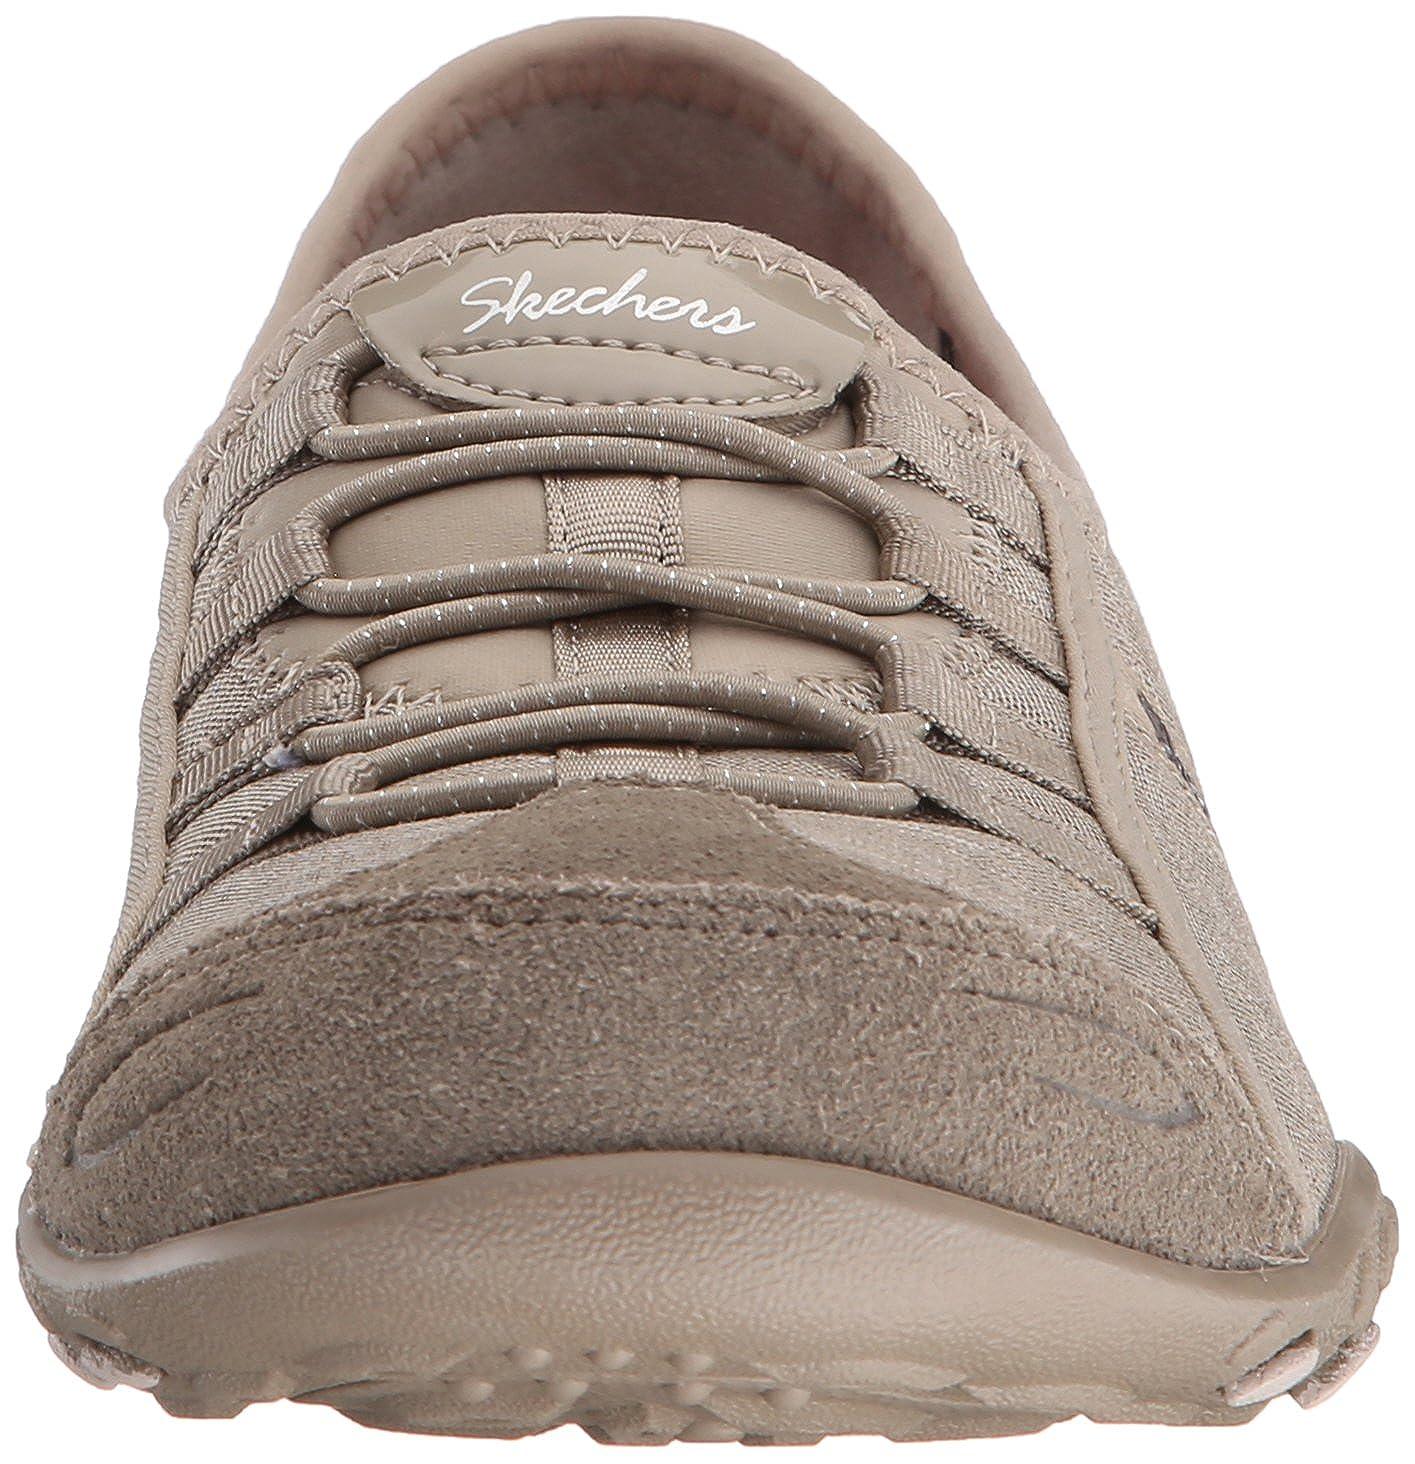 Skechers Life Damen Breathe-Easy Good Life Skechers Sneakers Beige 3c0629